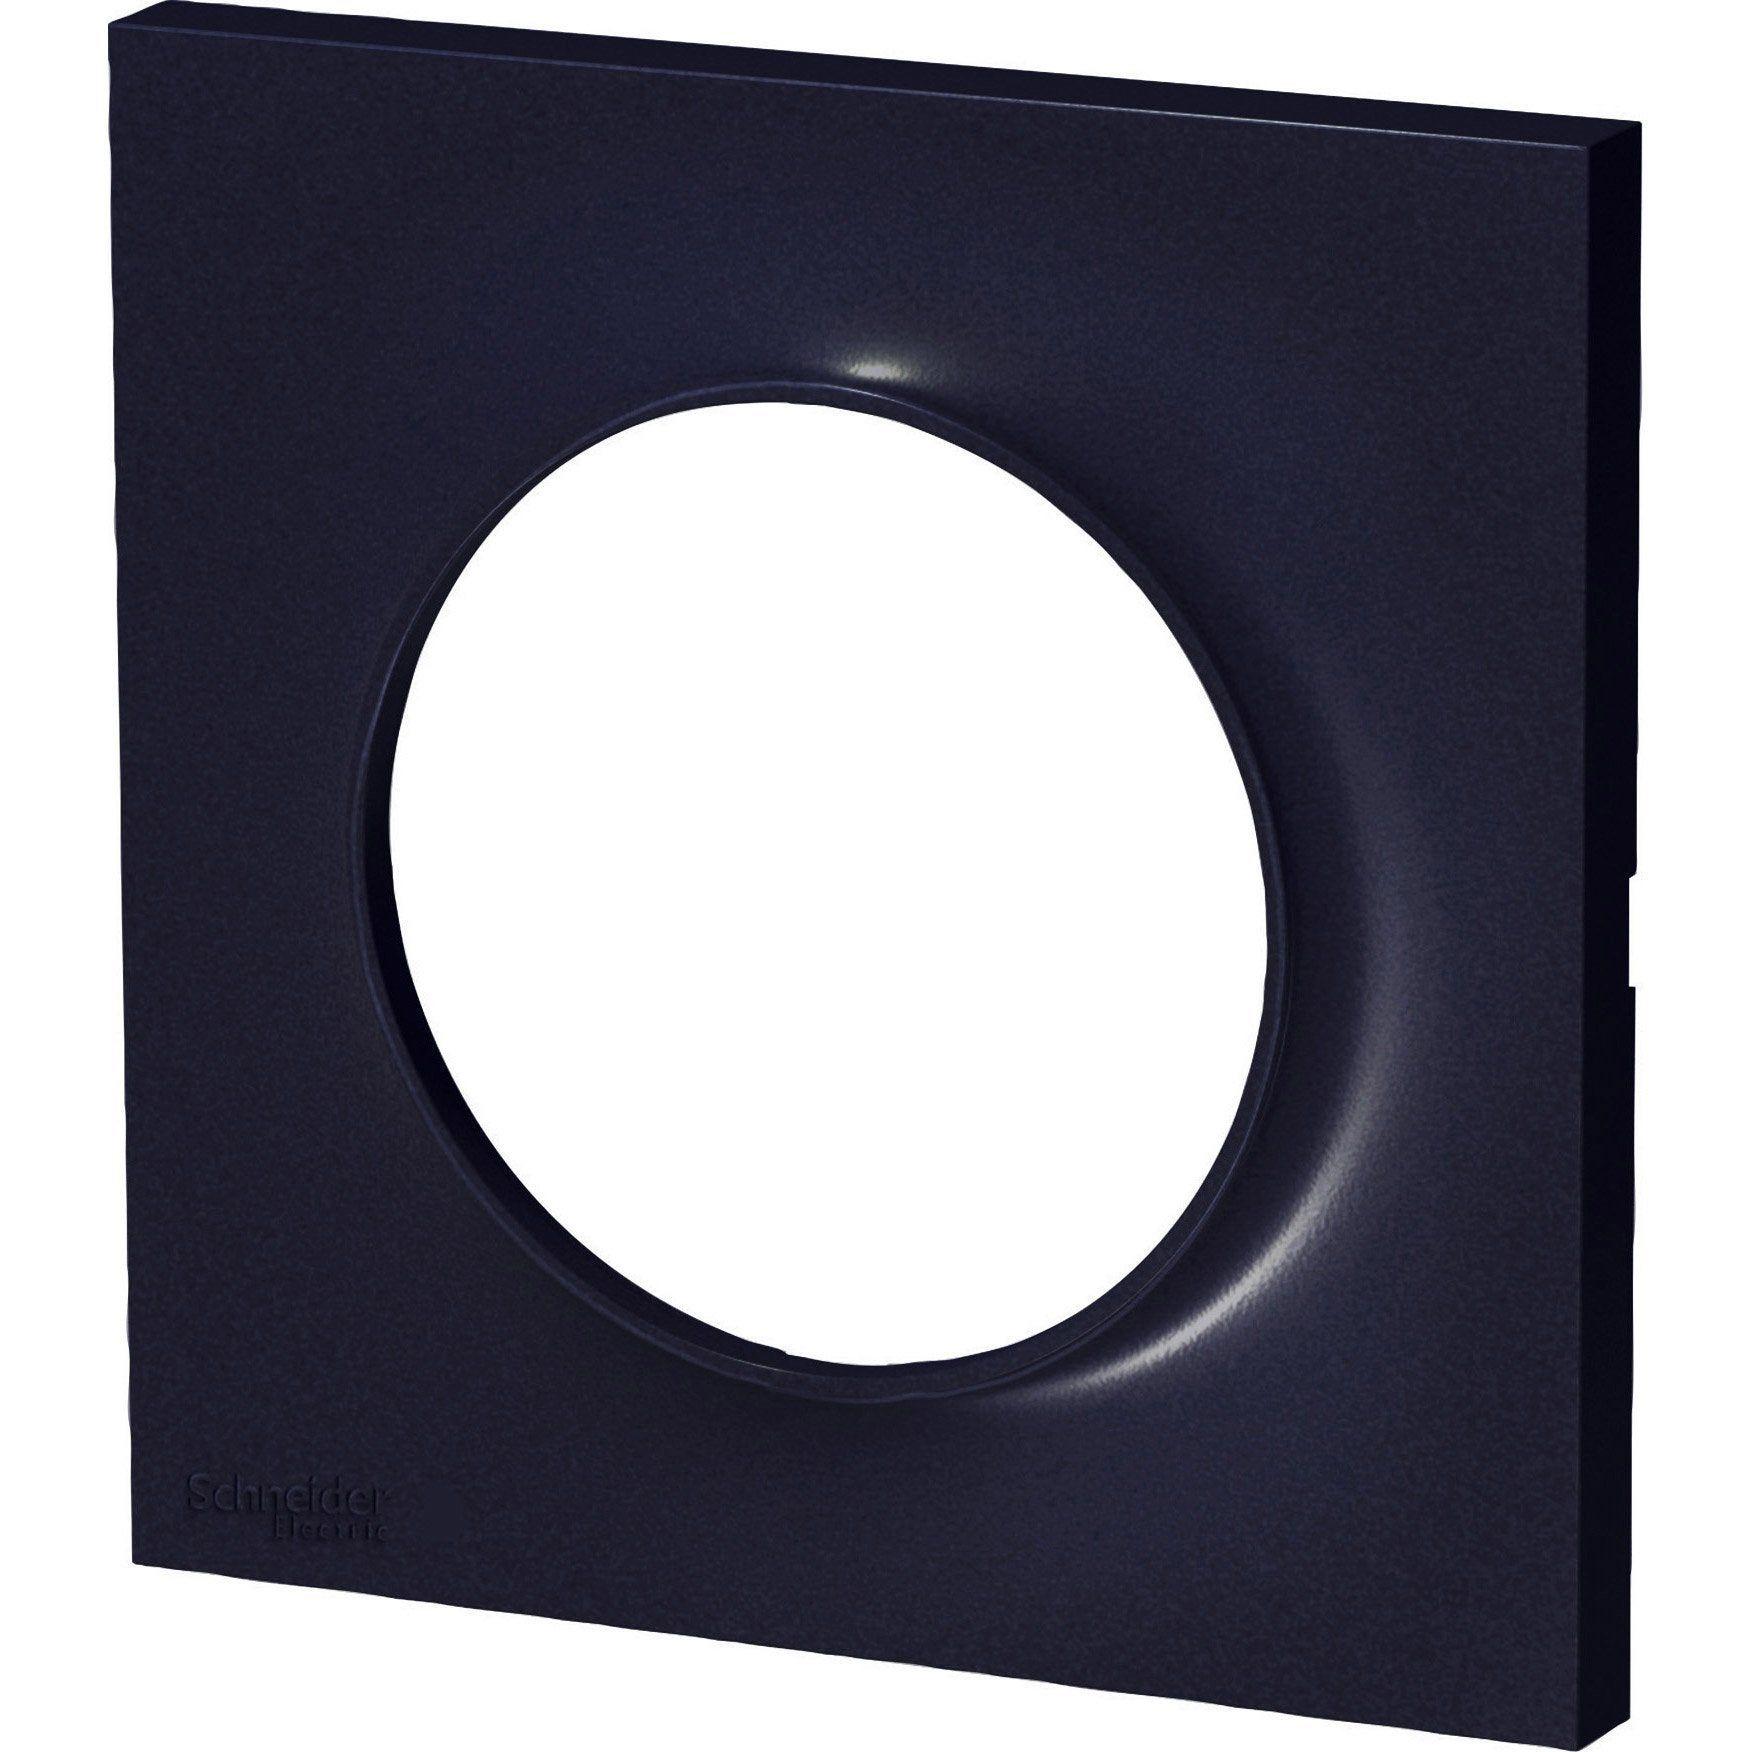 Plaque Simple Odace Schneider Electric Anthracite En 2020 Produits Plaque